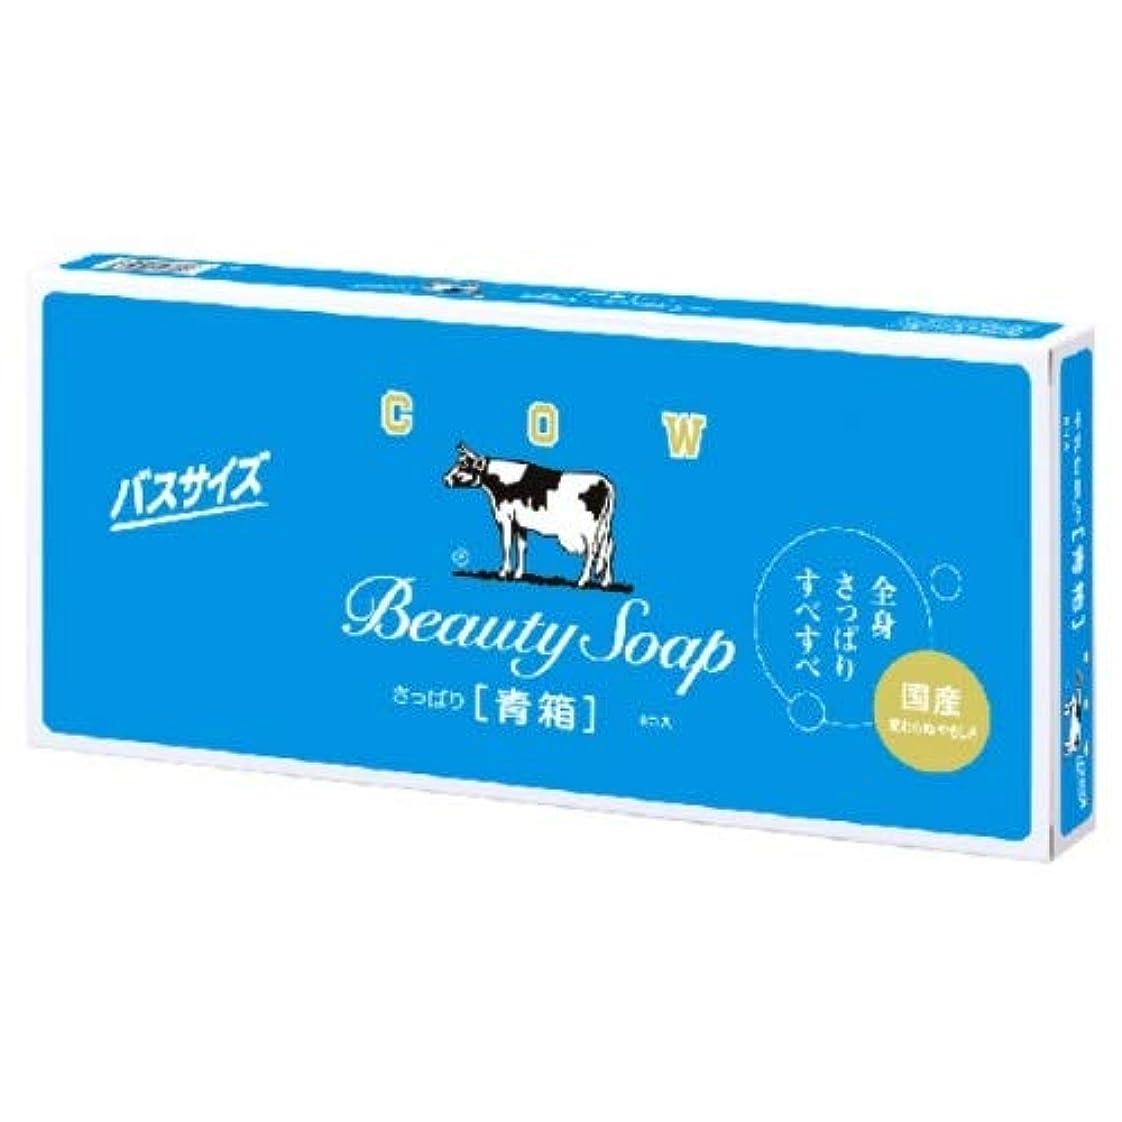 広がりブラウズ有名な牛乳石鹸 カウブランド 青箱 バスサイズ 6コ入